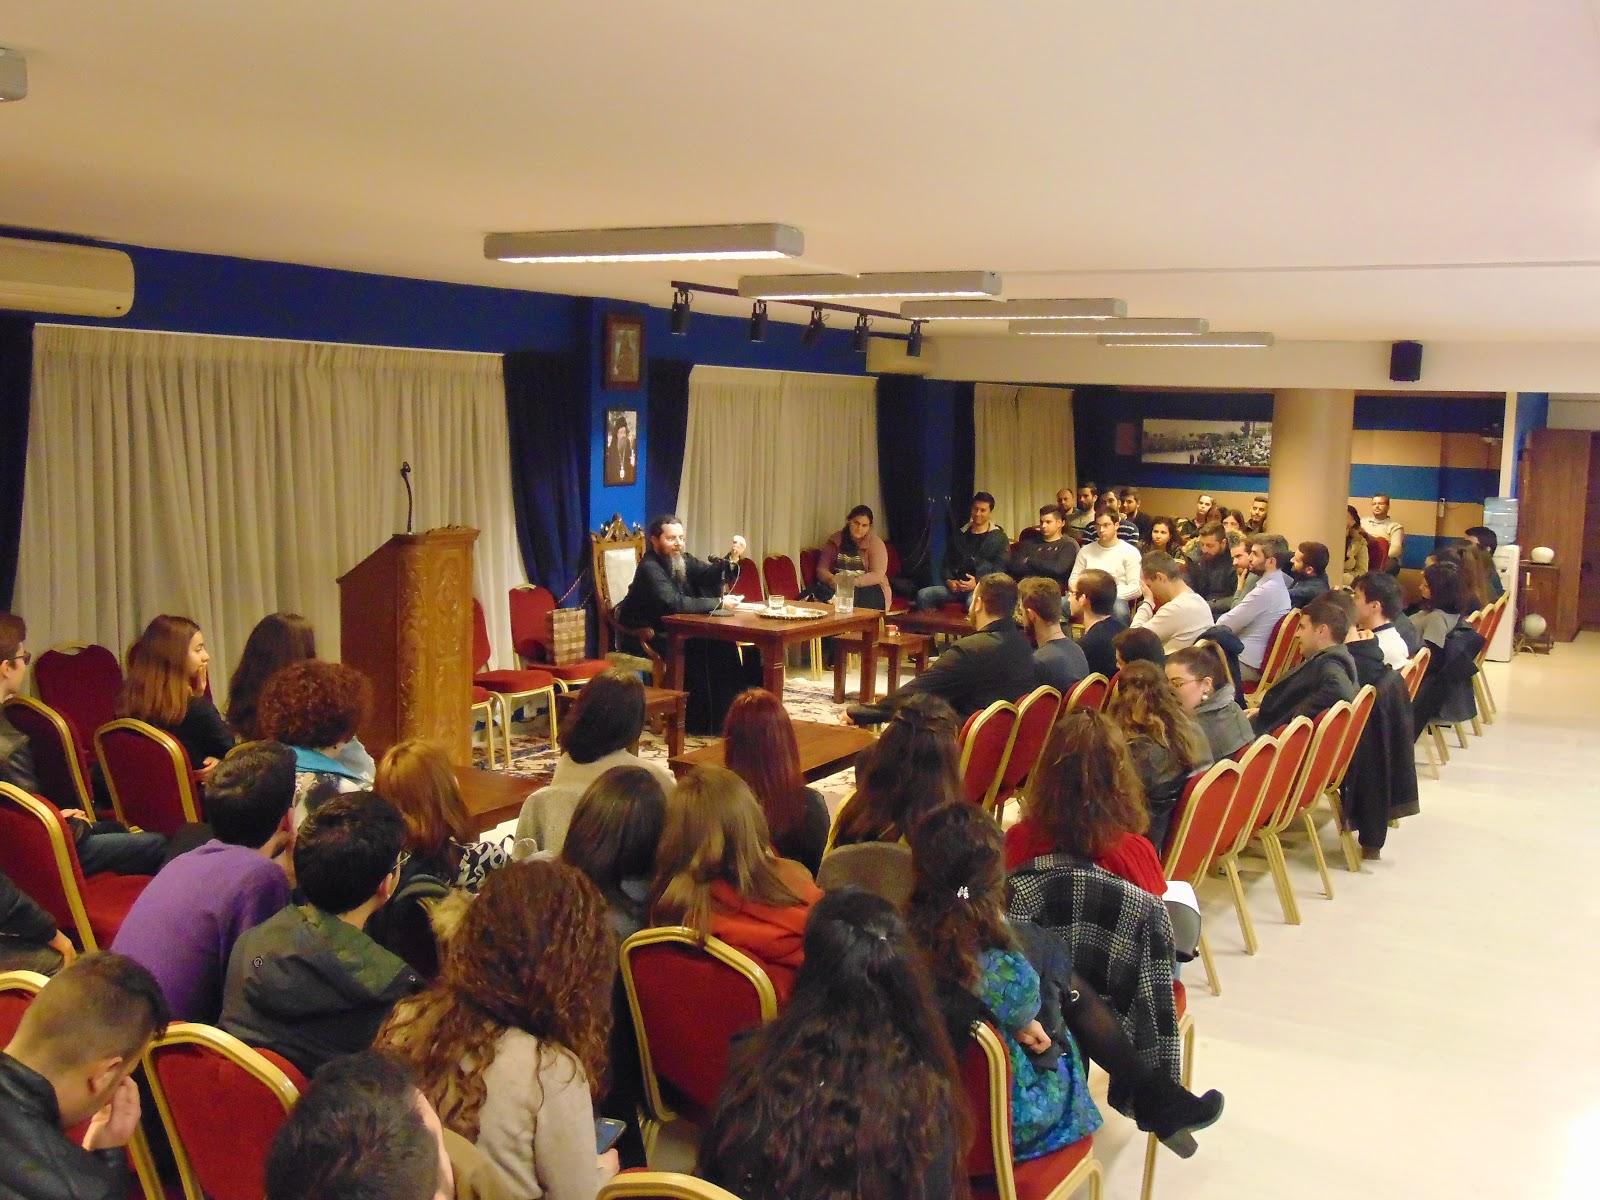 Φωτογραφικά στιγμιότυπα από τις συναντήσεις της νεανικής συνάξεως με τον π. Αμβρόσιο